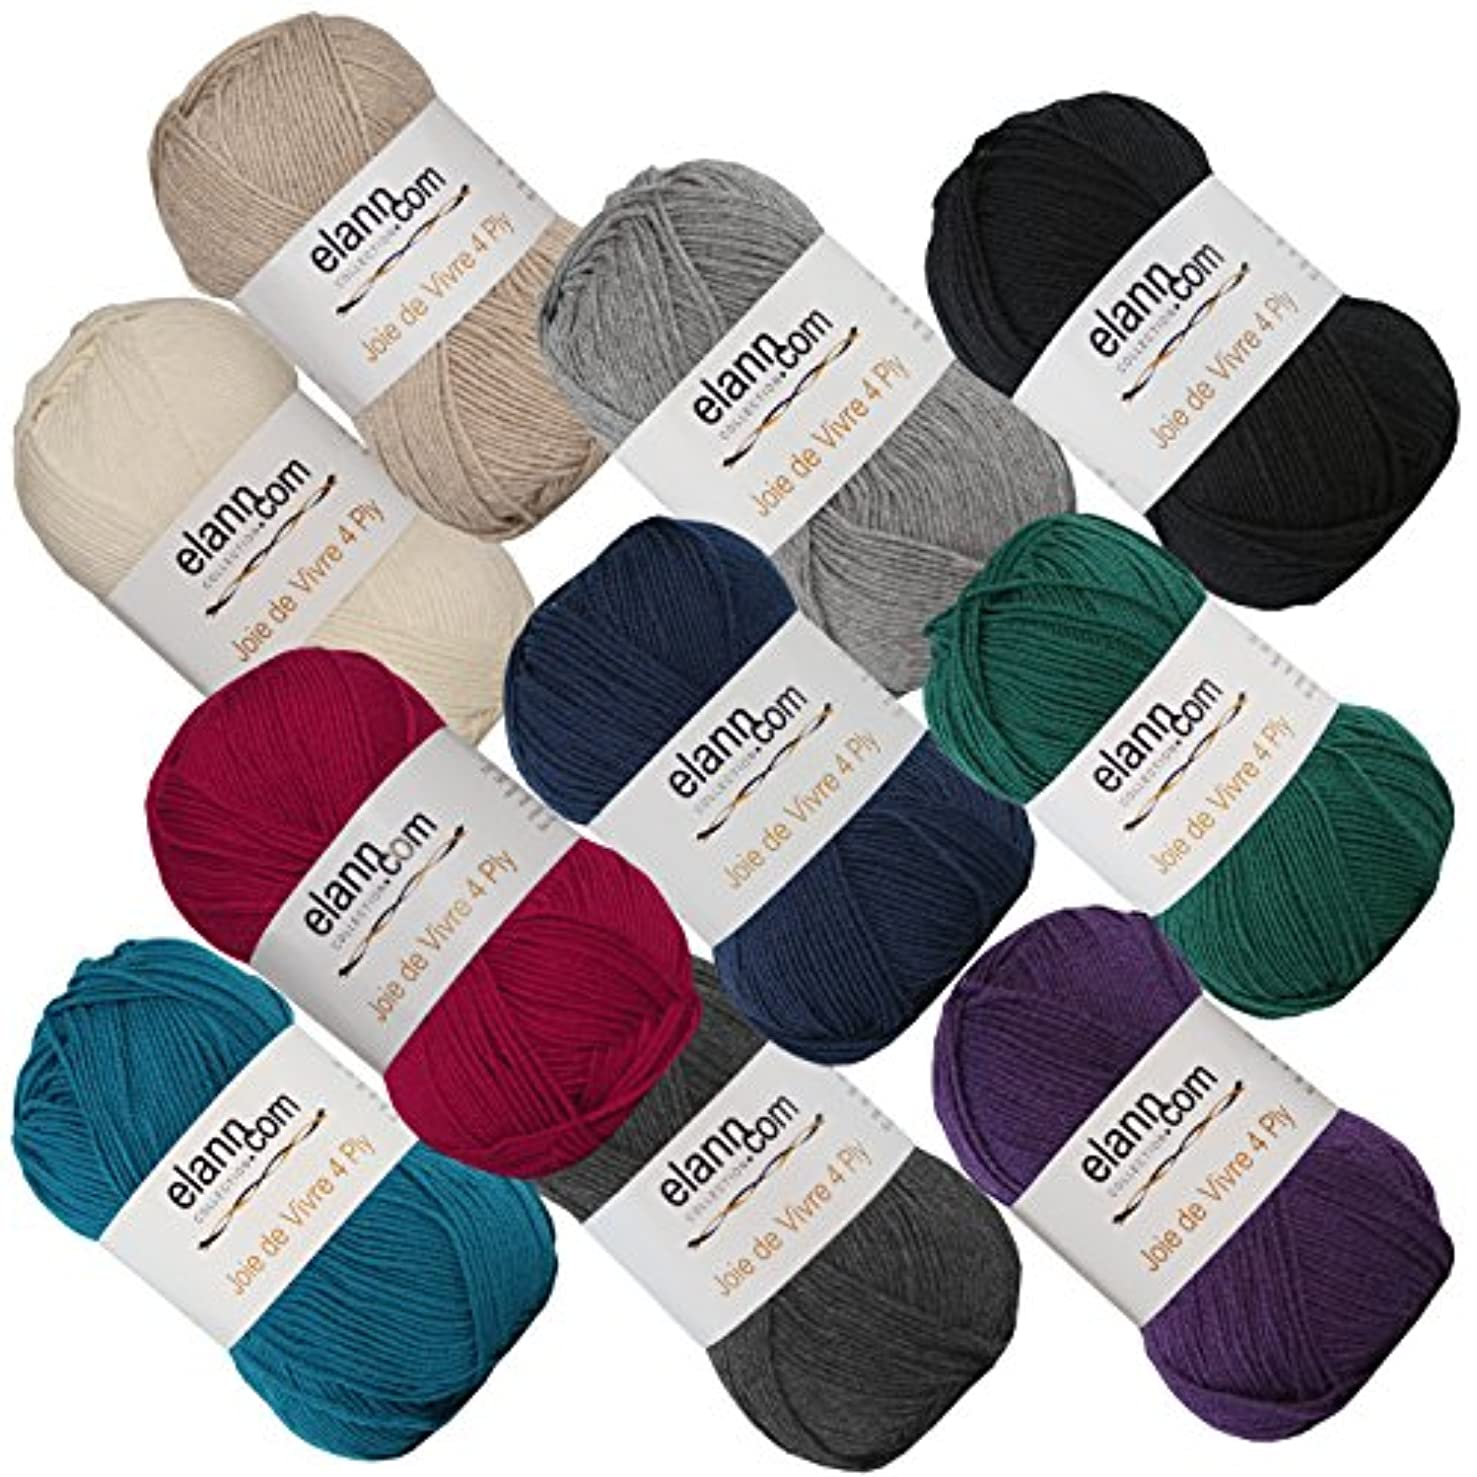 elann Joie de Vivre 4 Ply Yarn | 10 Ball Bag | 11 Assortment Pack